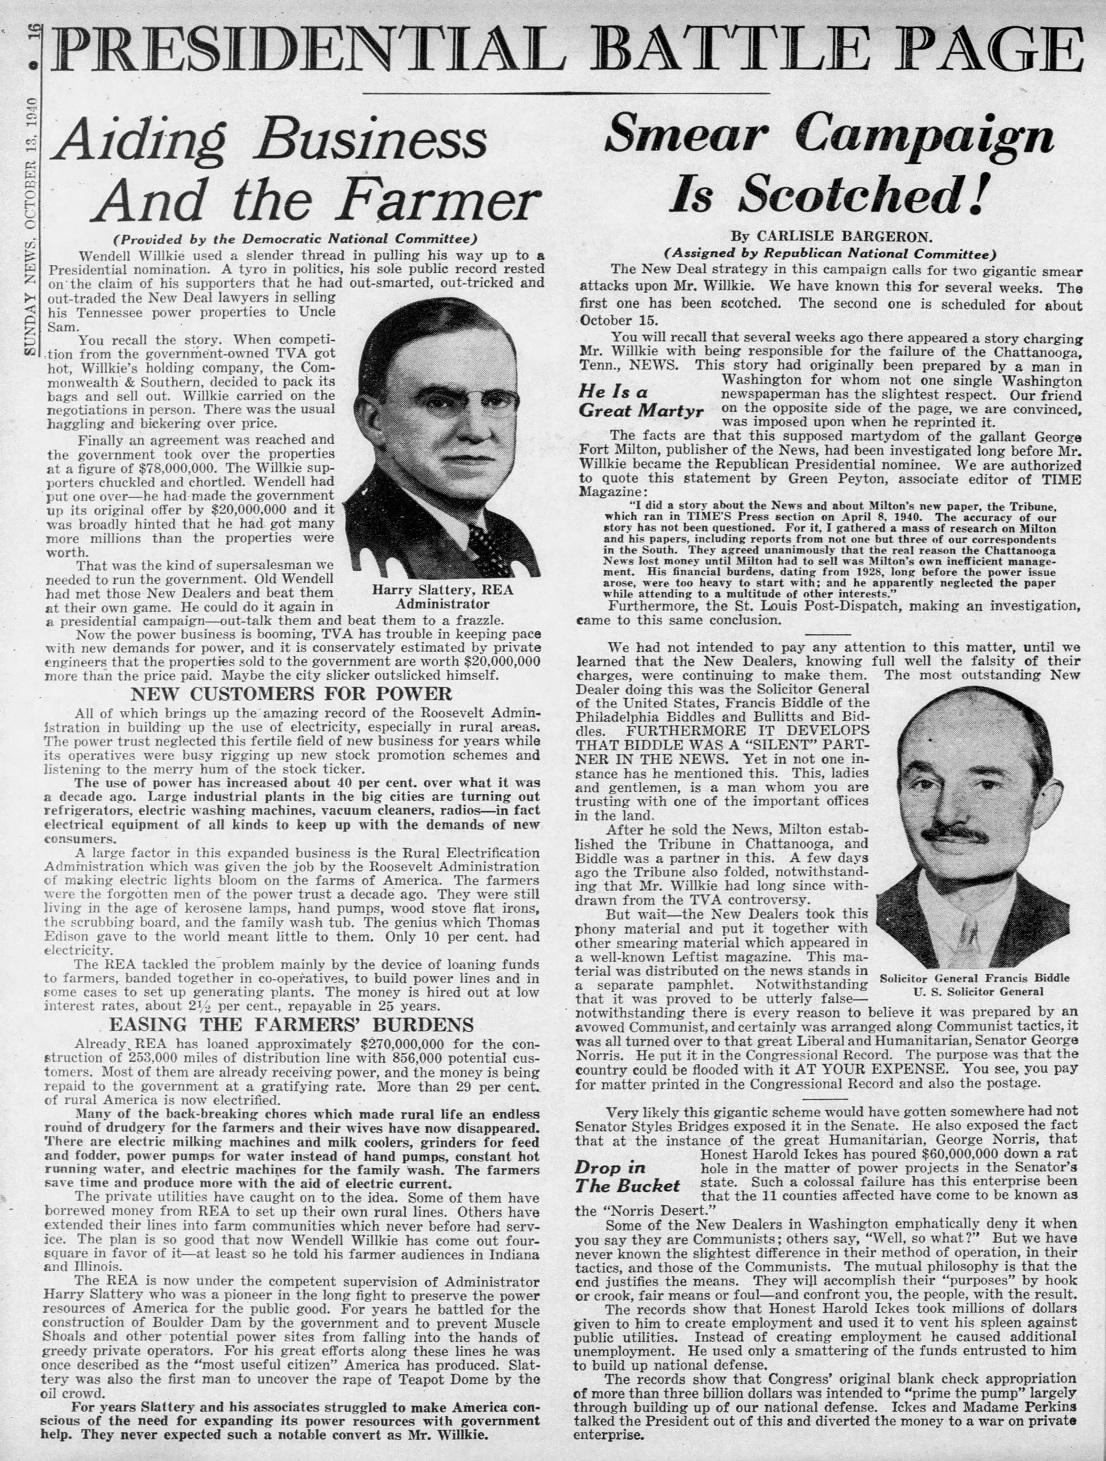 Daily_News_Sun__Oct_13__1940_(1).jpg